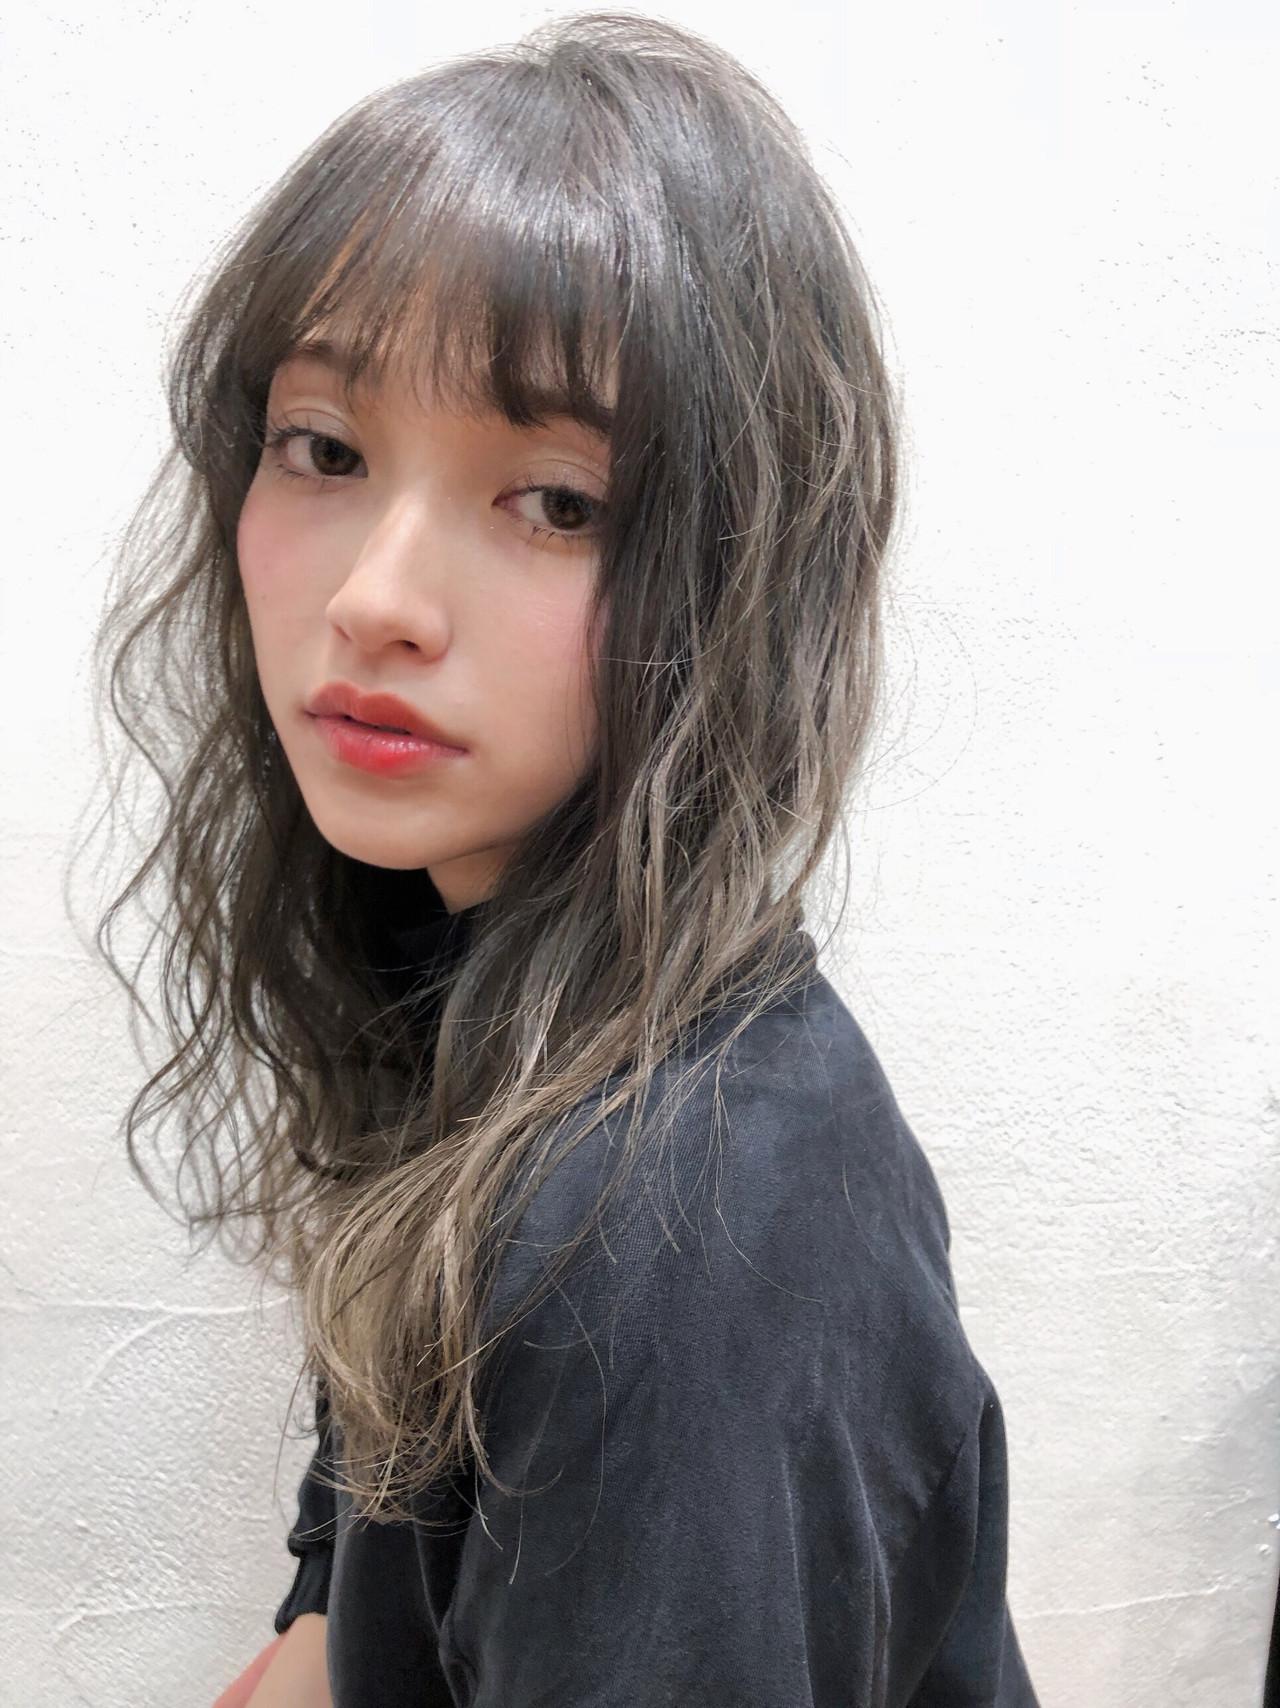 ふわふわ モード ミディアム 外国人風 ヘアスタイルや髪型の写真・画像